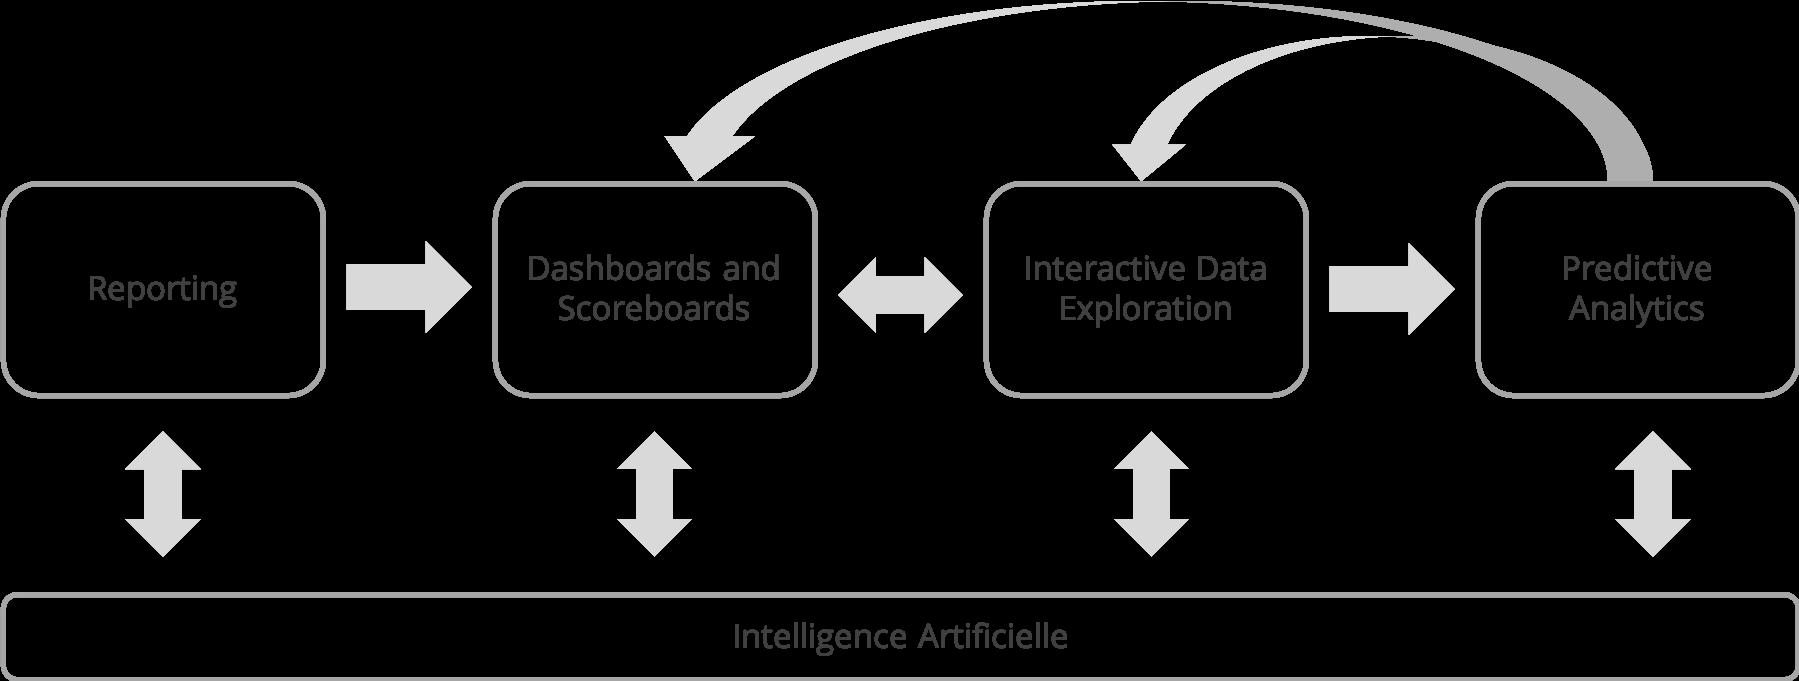 BI Intelligence Artificielle traitement des données